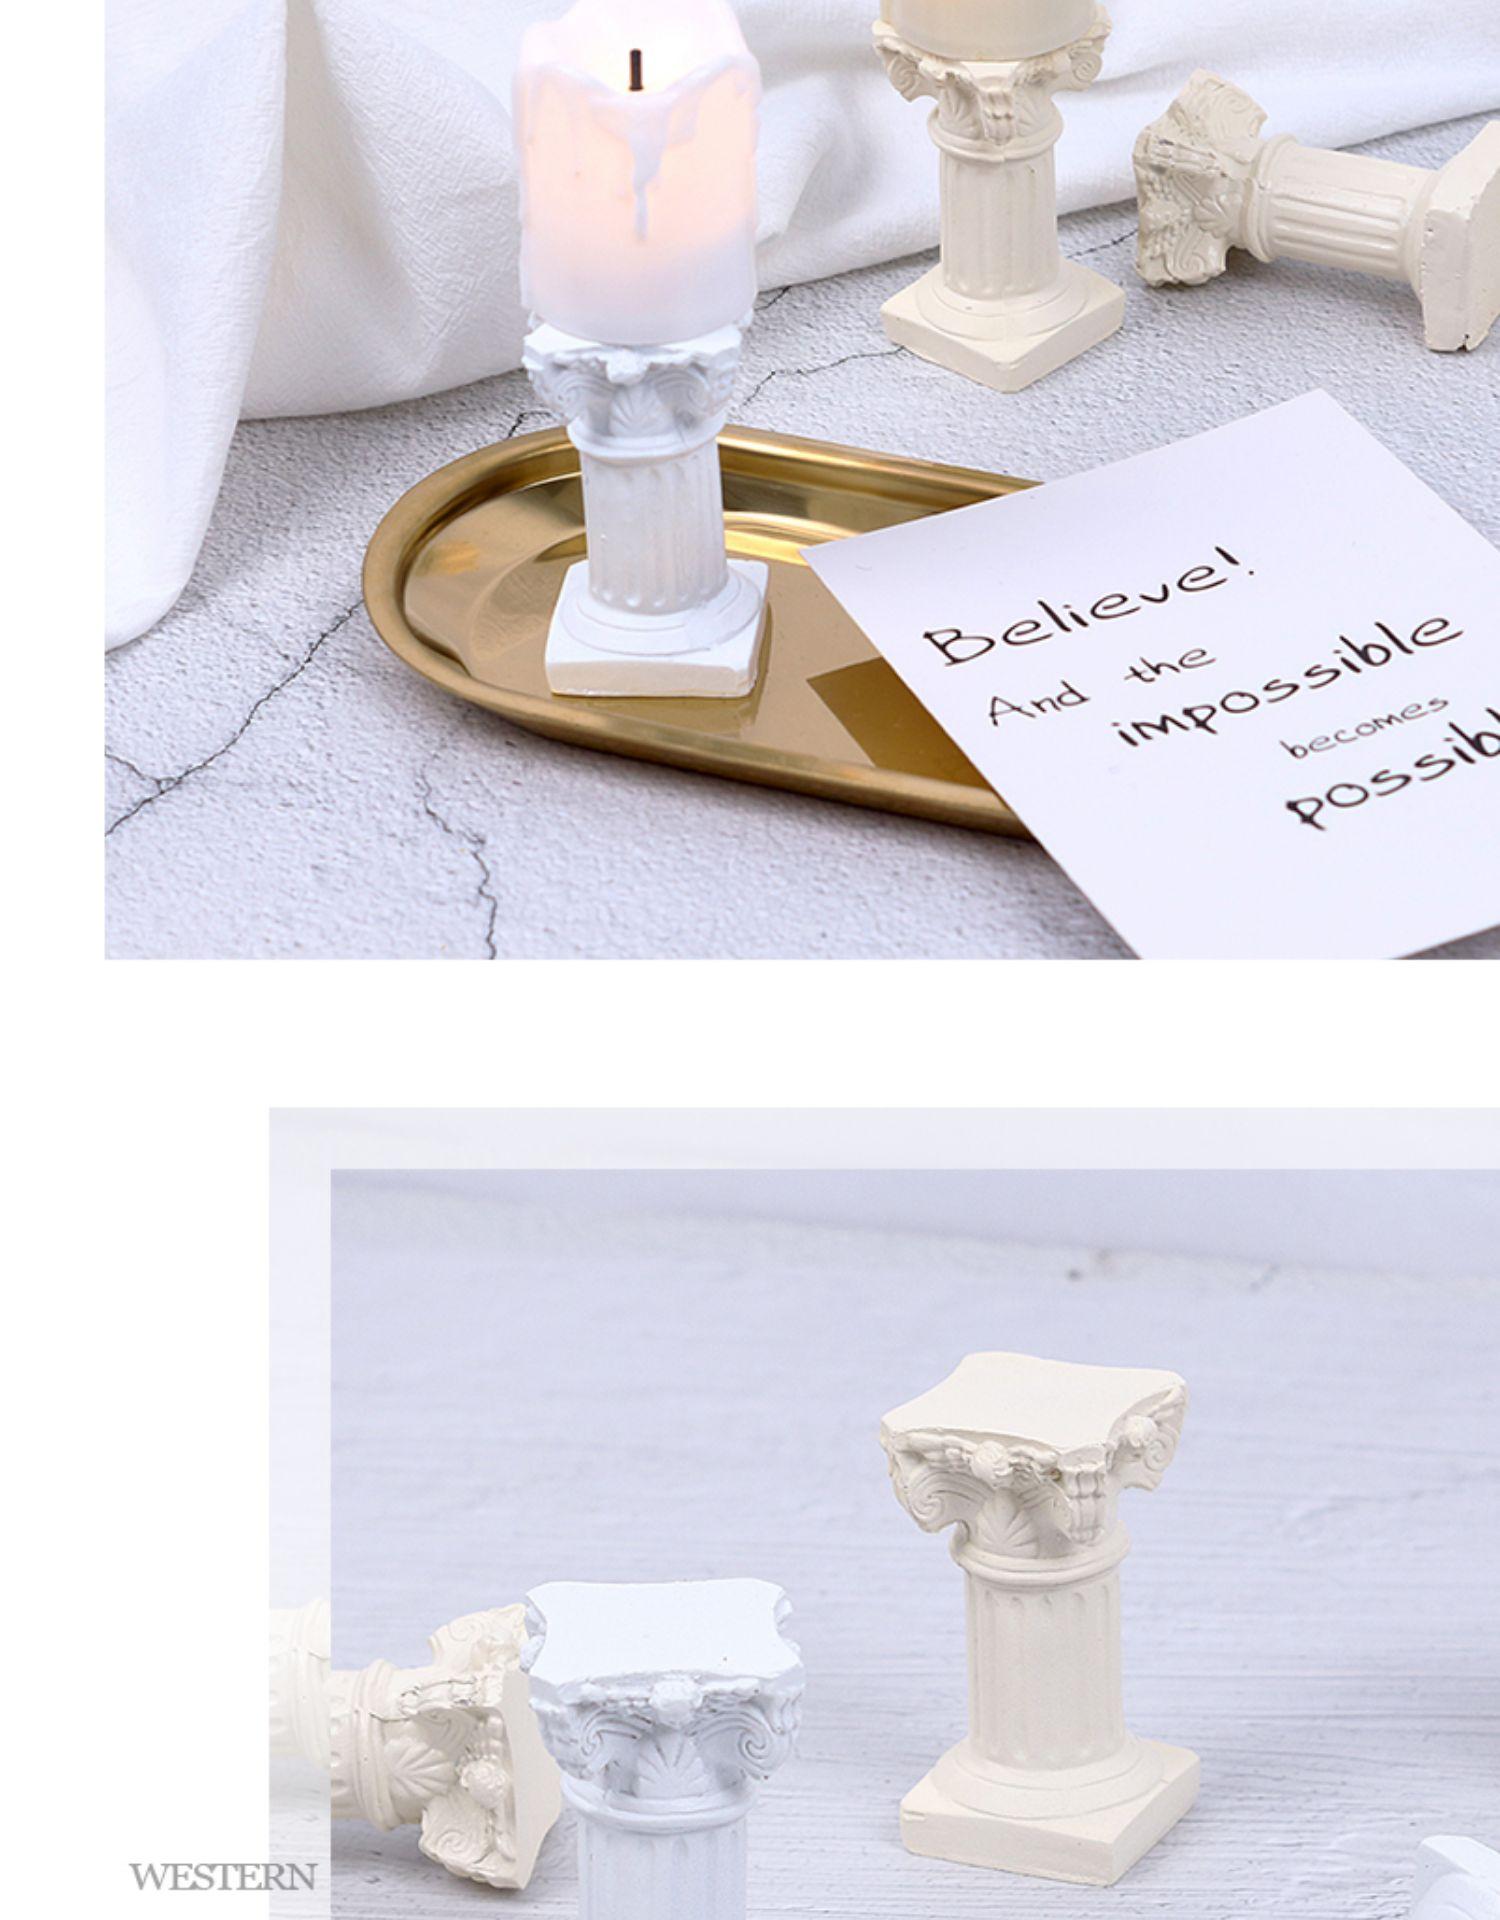 罗马柱蜡烛拍摄道具摆件摄影道具拍照道具装饰背景布摆拍道具详细照片